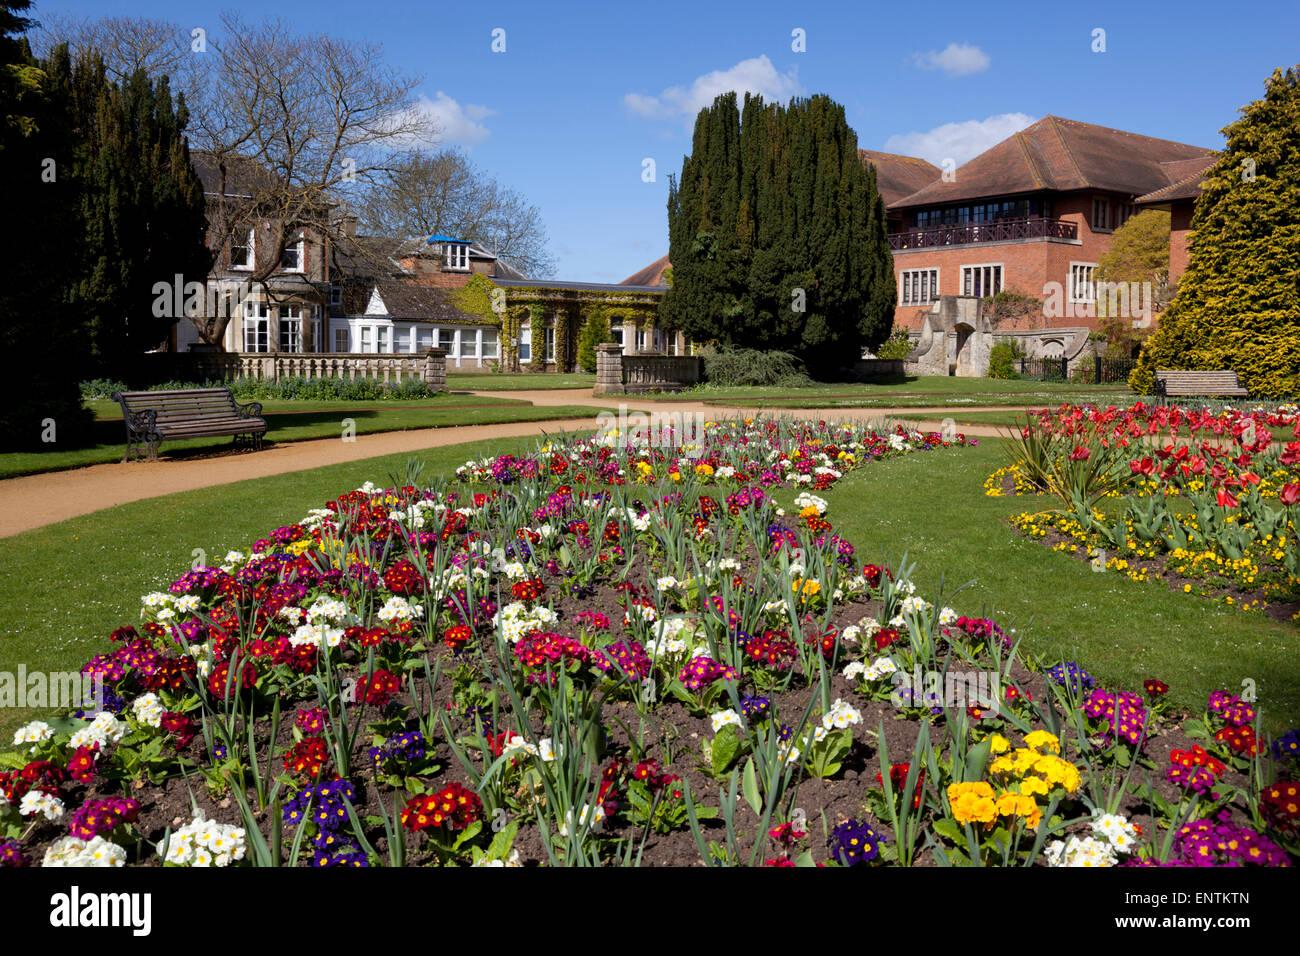 Abingdon Gardens Stock Photos & Abingdon Gardens Stock Images - Alamy